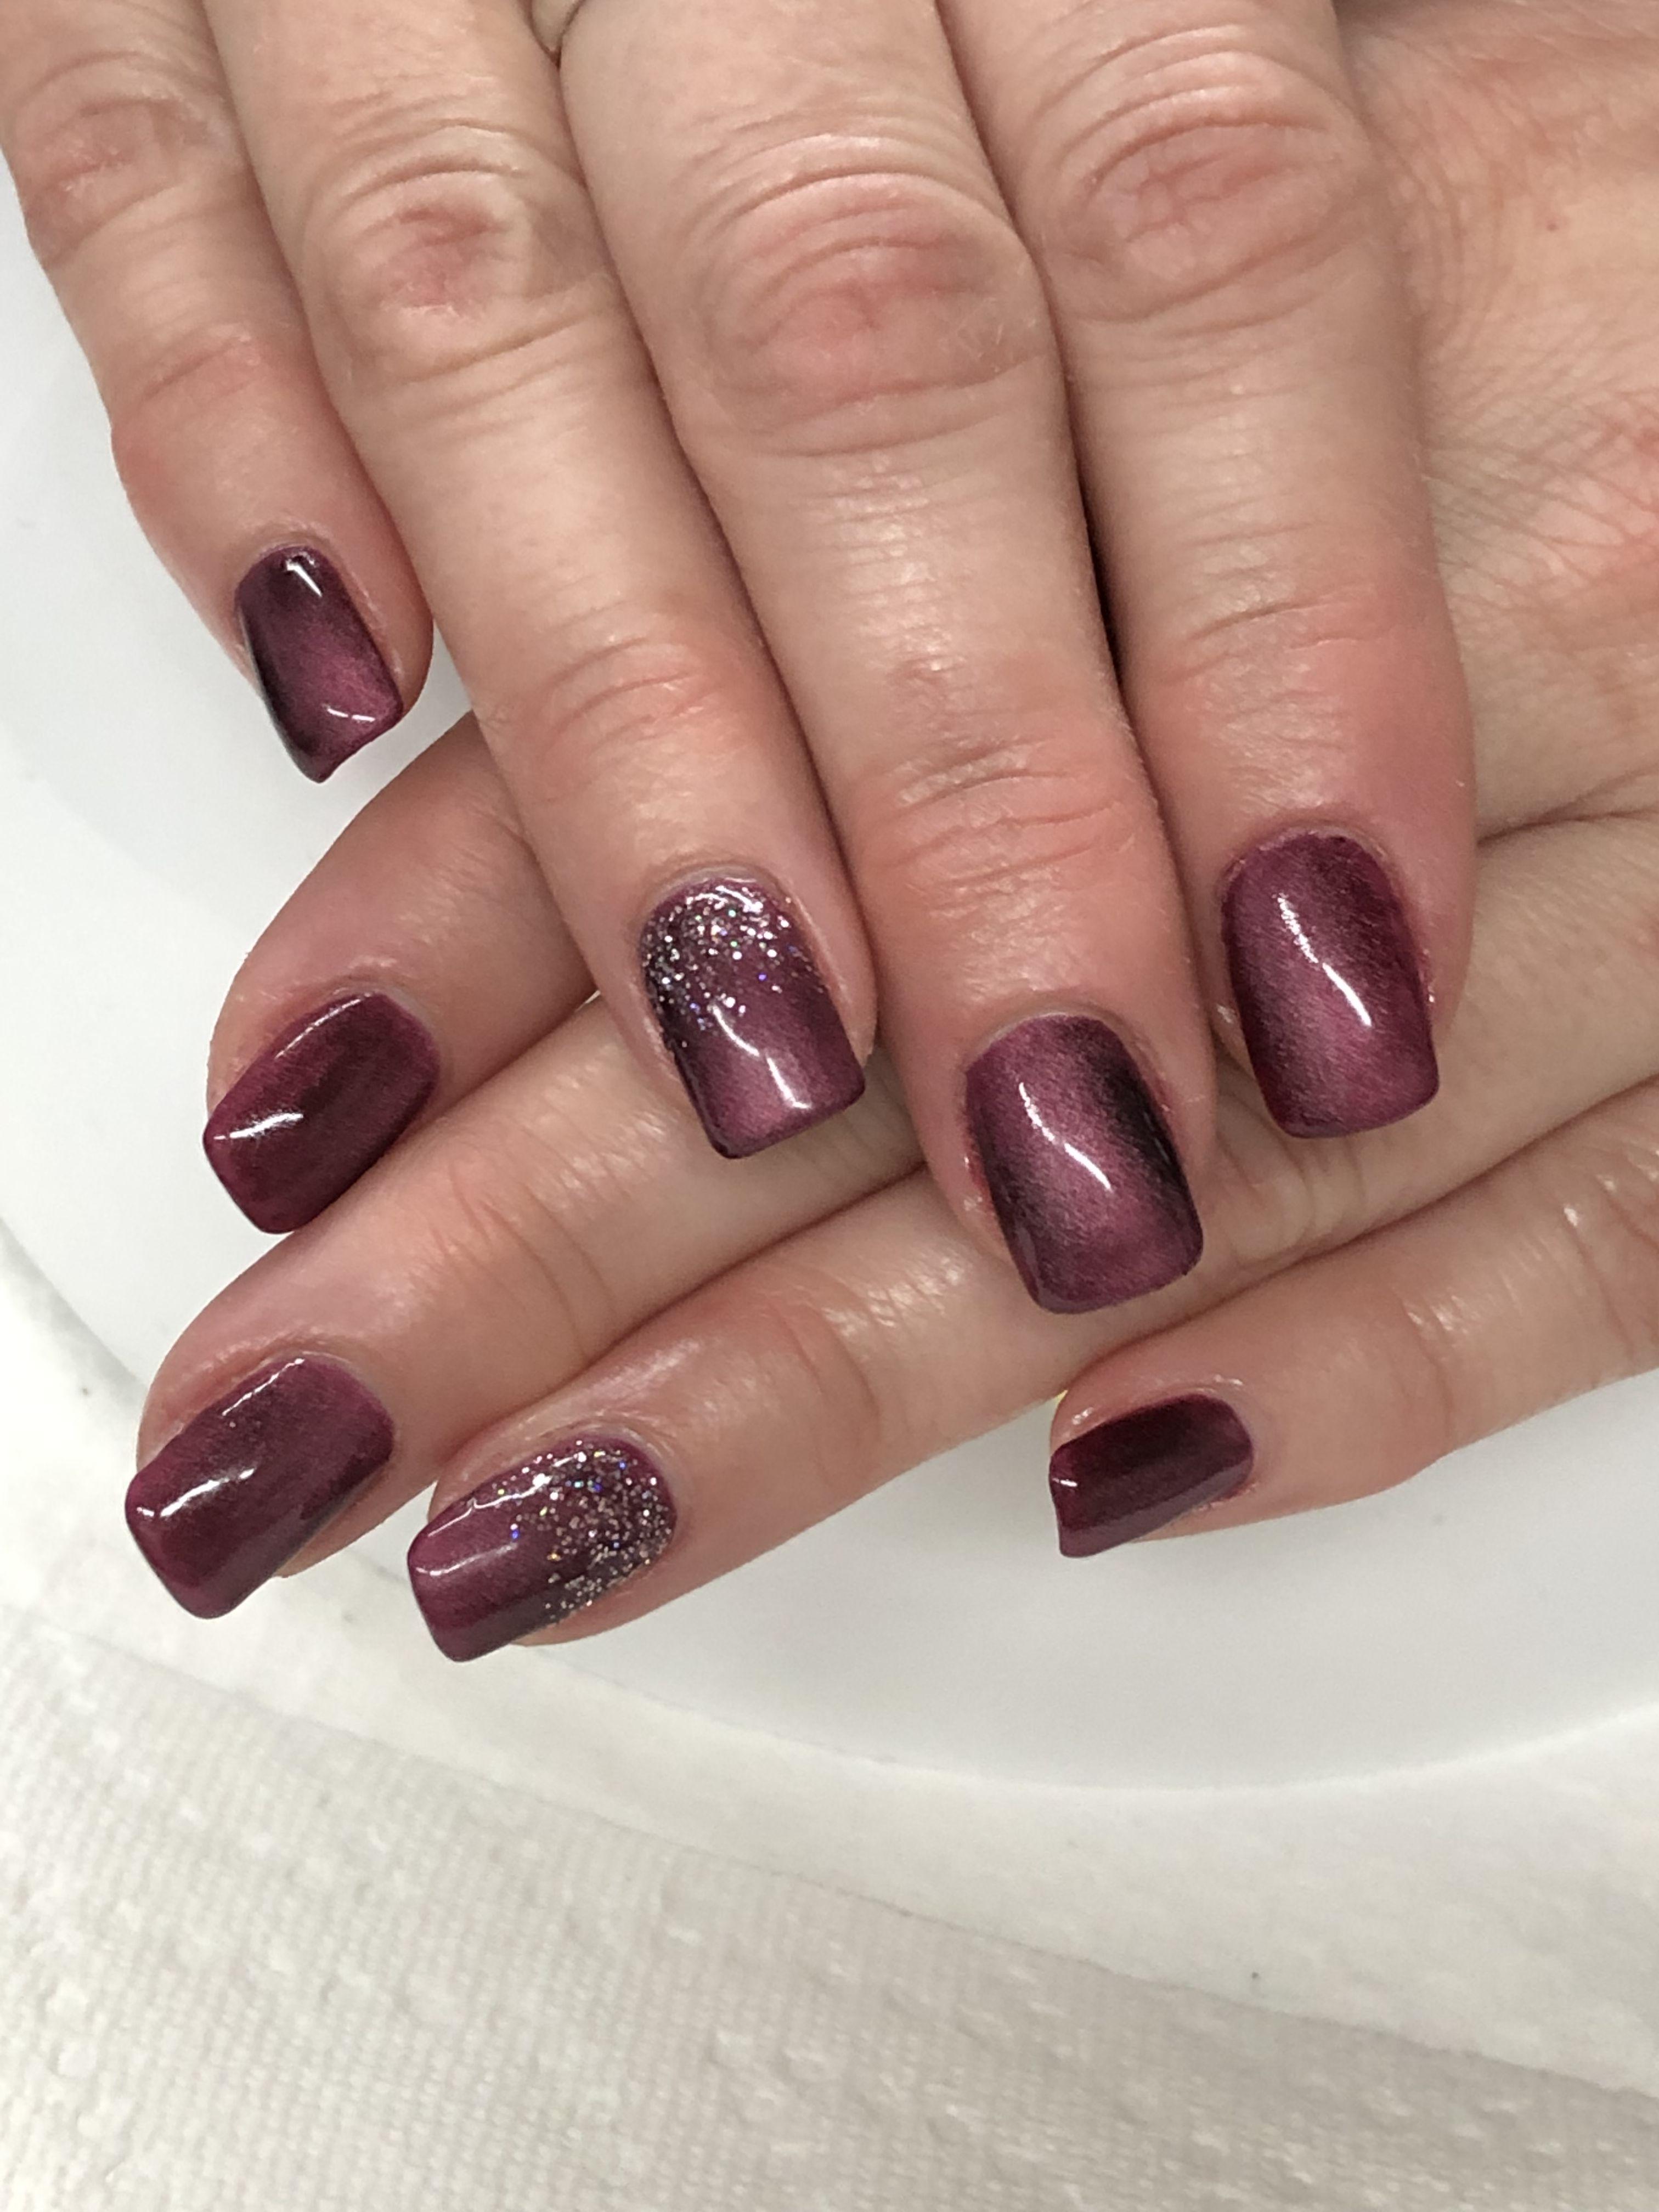 Burgundy Magnetic Gel Nails Lightly Magnetized Gel Polish Nail Designs Gel Nail Designs Burgundy Nails